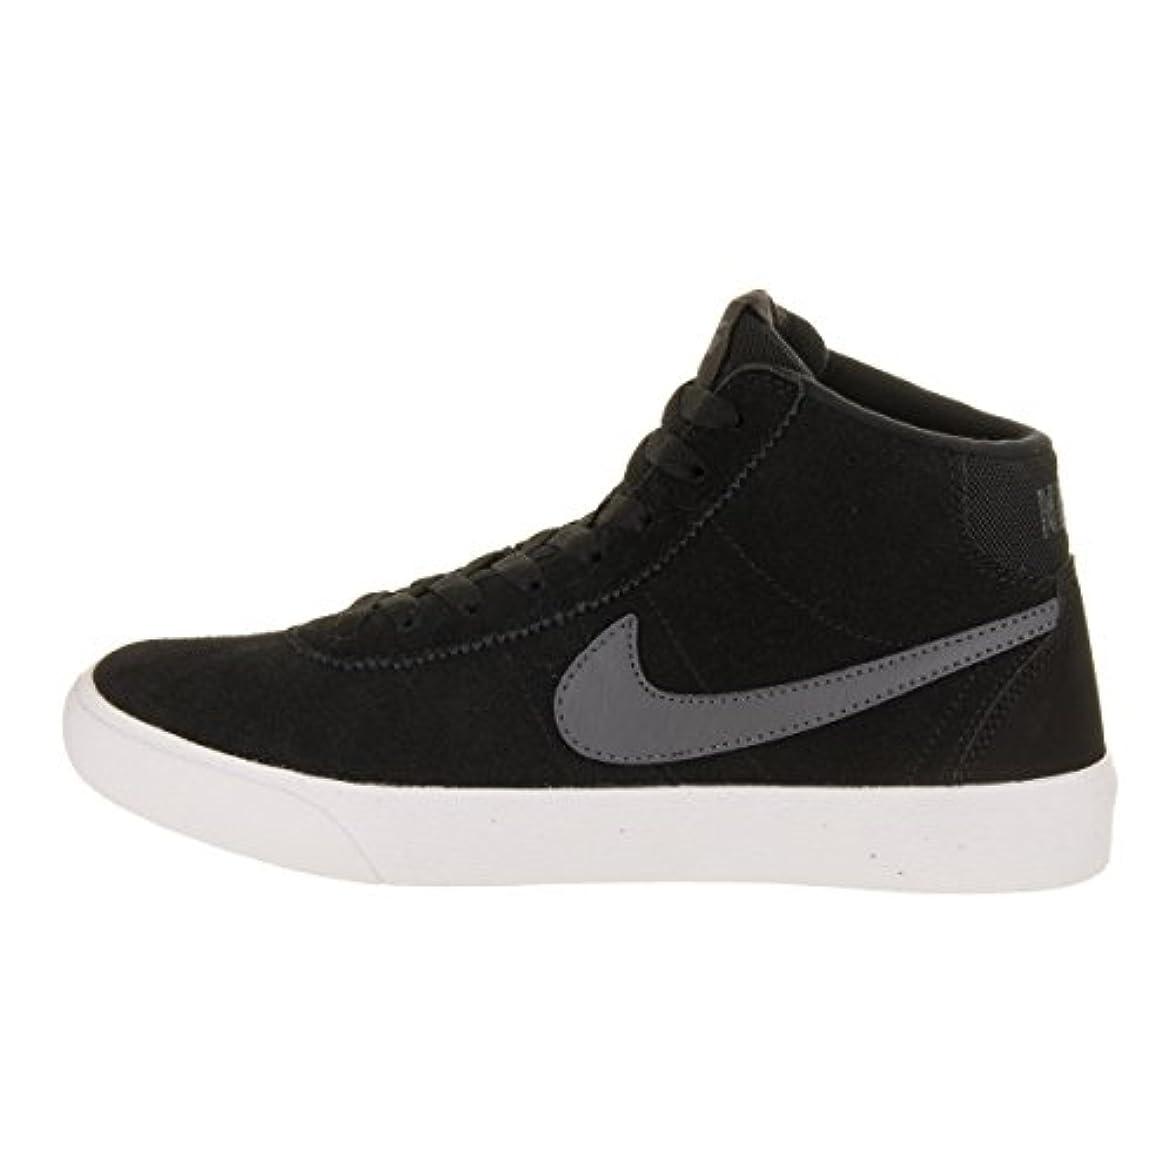 Nike Wmnssb Bruin Hi Scarpe Da Ginnastica Basse Donna